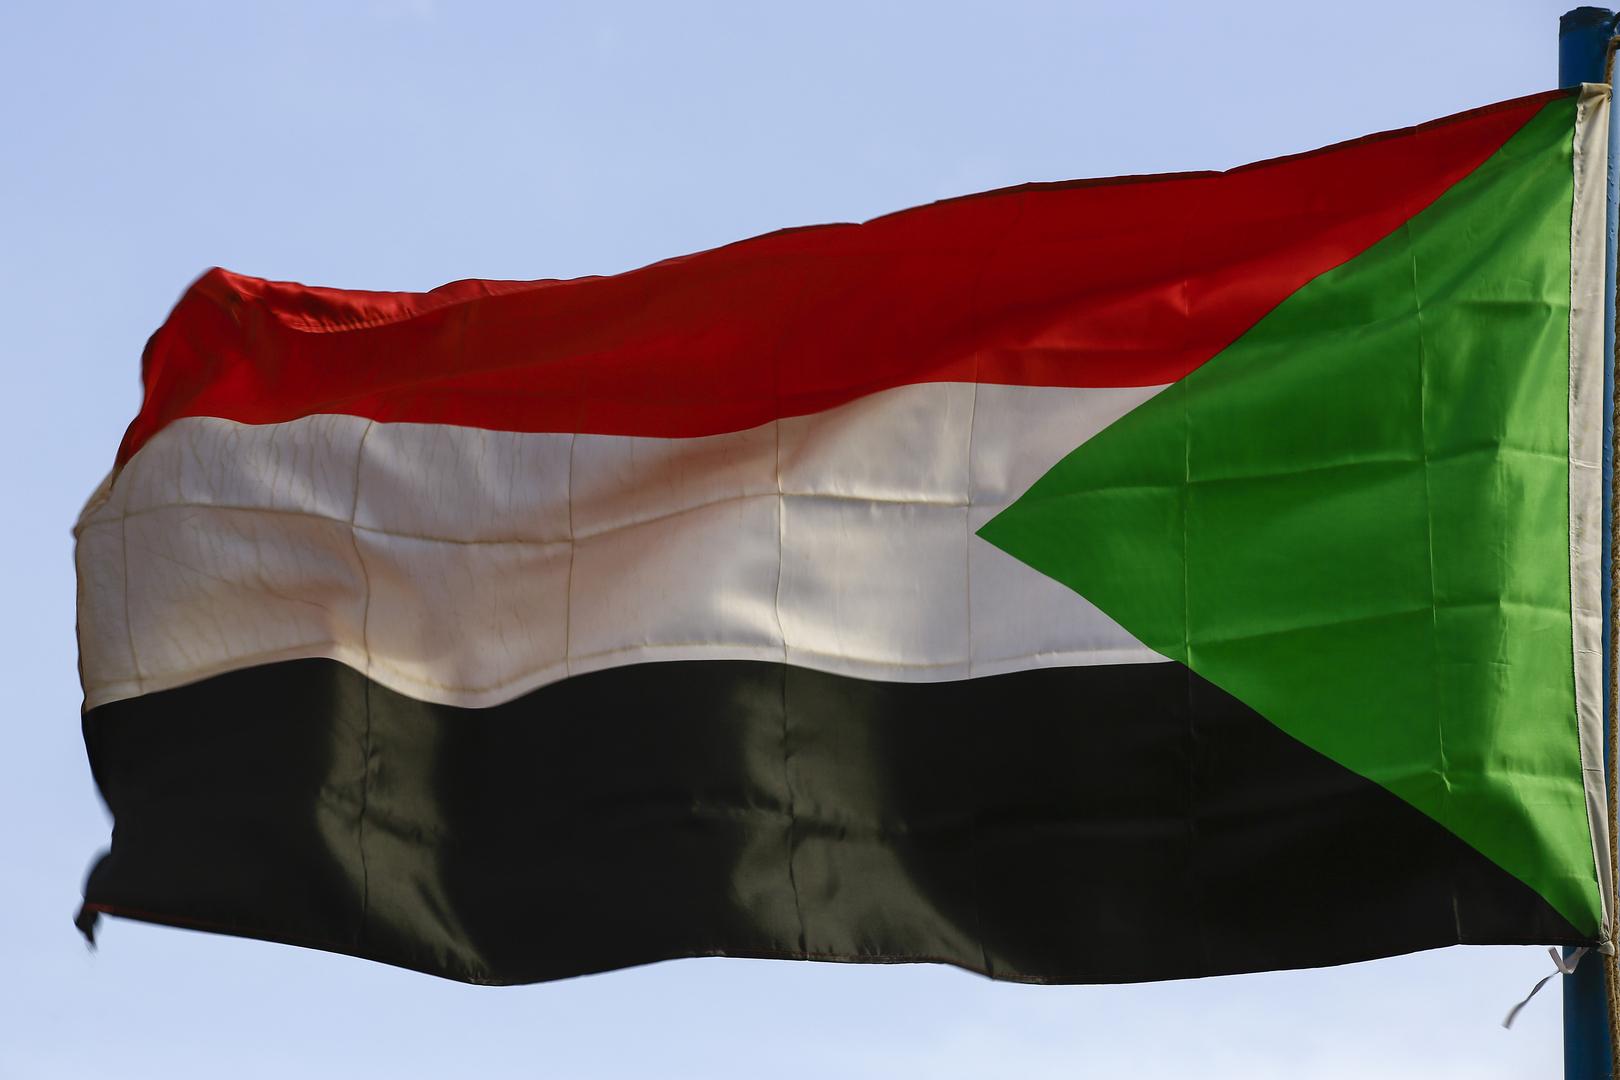 تجمع المهنيين السودانيين يطالب بحلّ قوات الدعم السريع